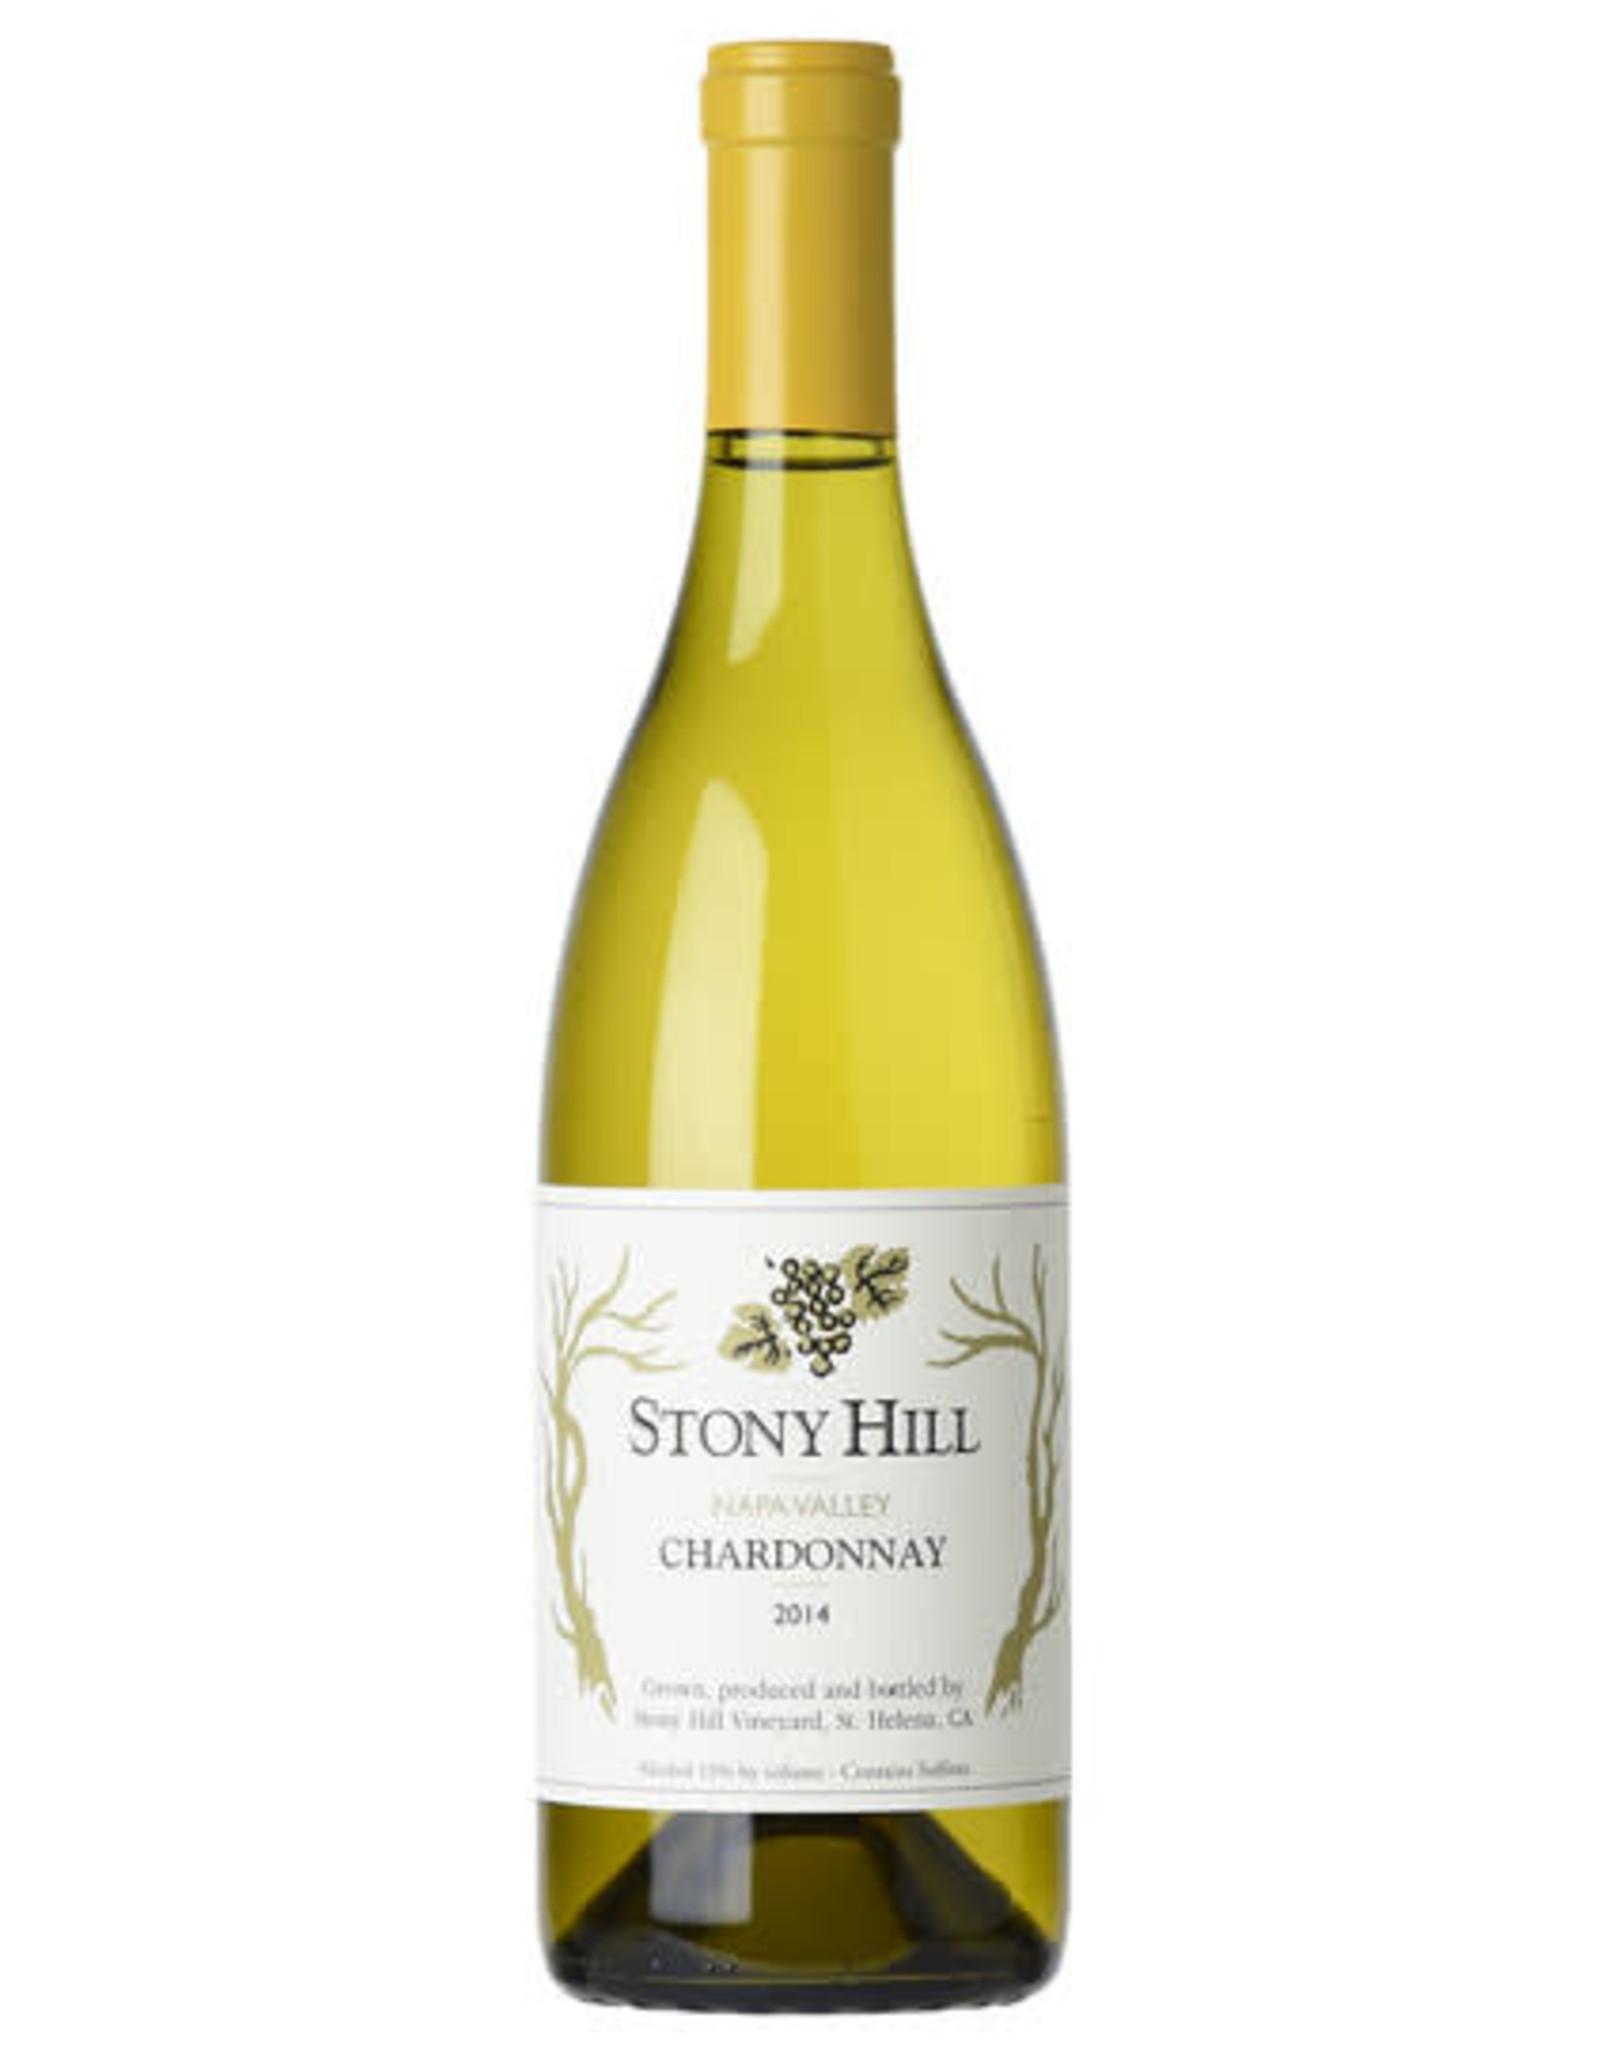 Stony Hill Chardonnay Napa Valley 2014